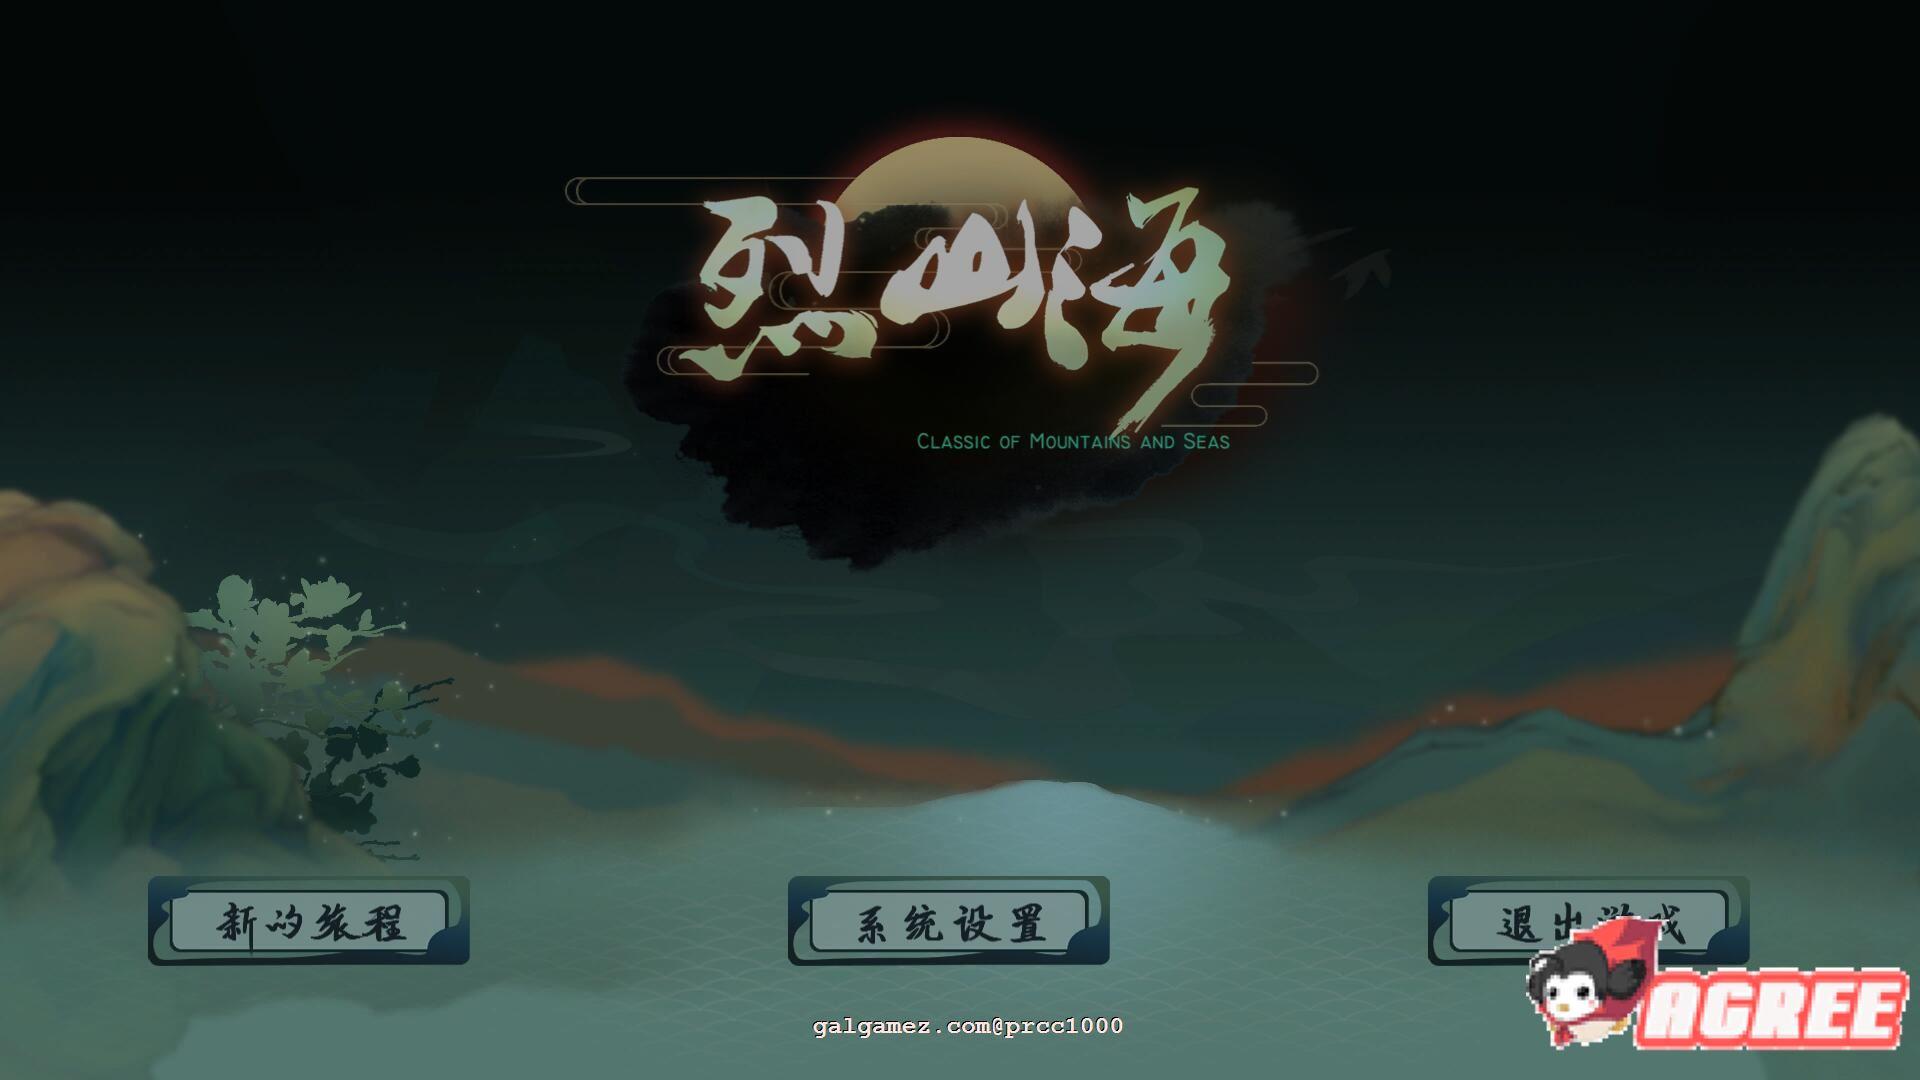 【大型RPG/中文/全动态】烈山海-BMS1 STEAM官方中文步兵版[极品国风] 【3.7G/新作】 1